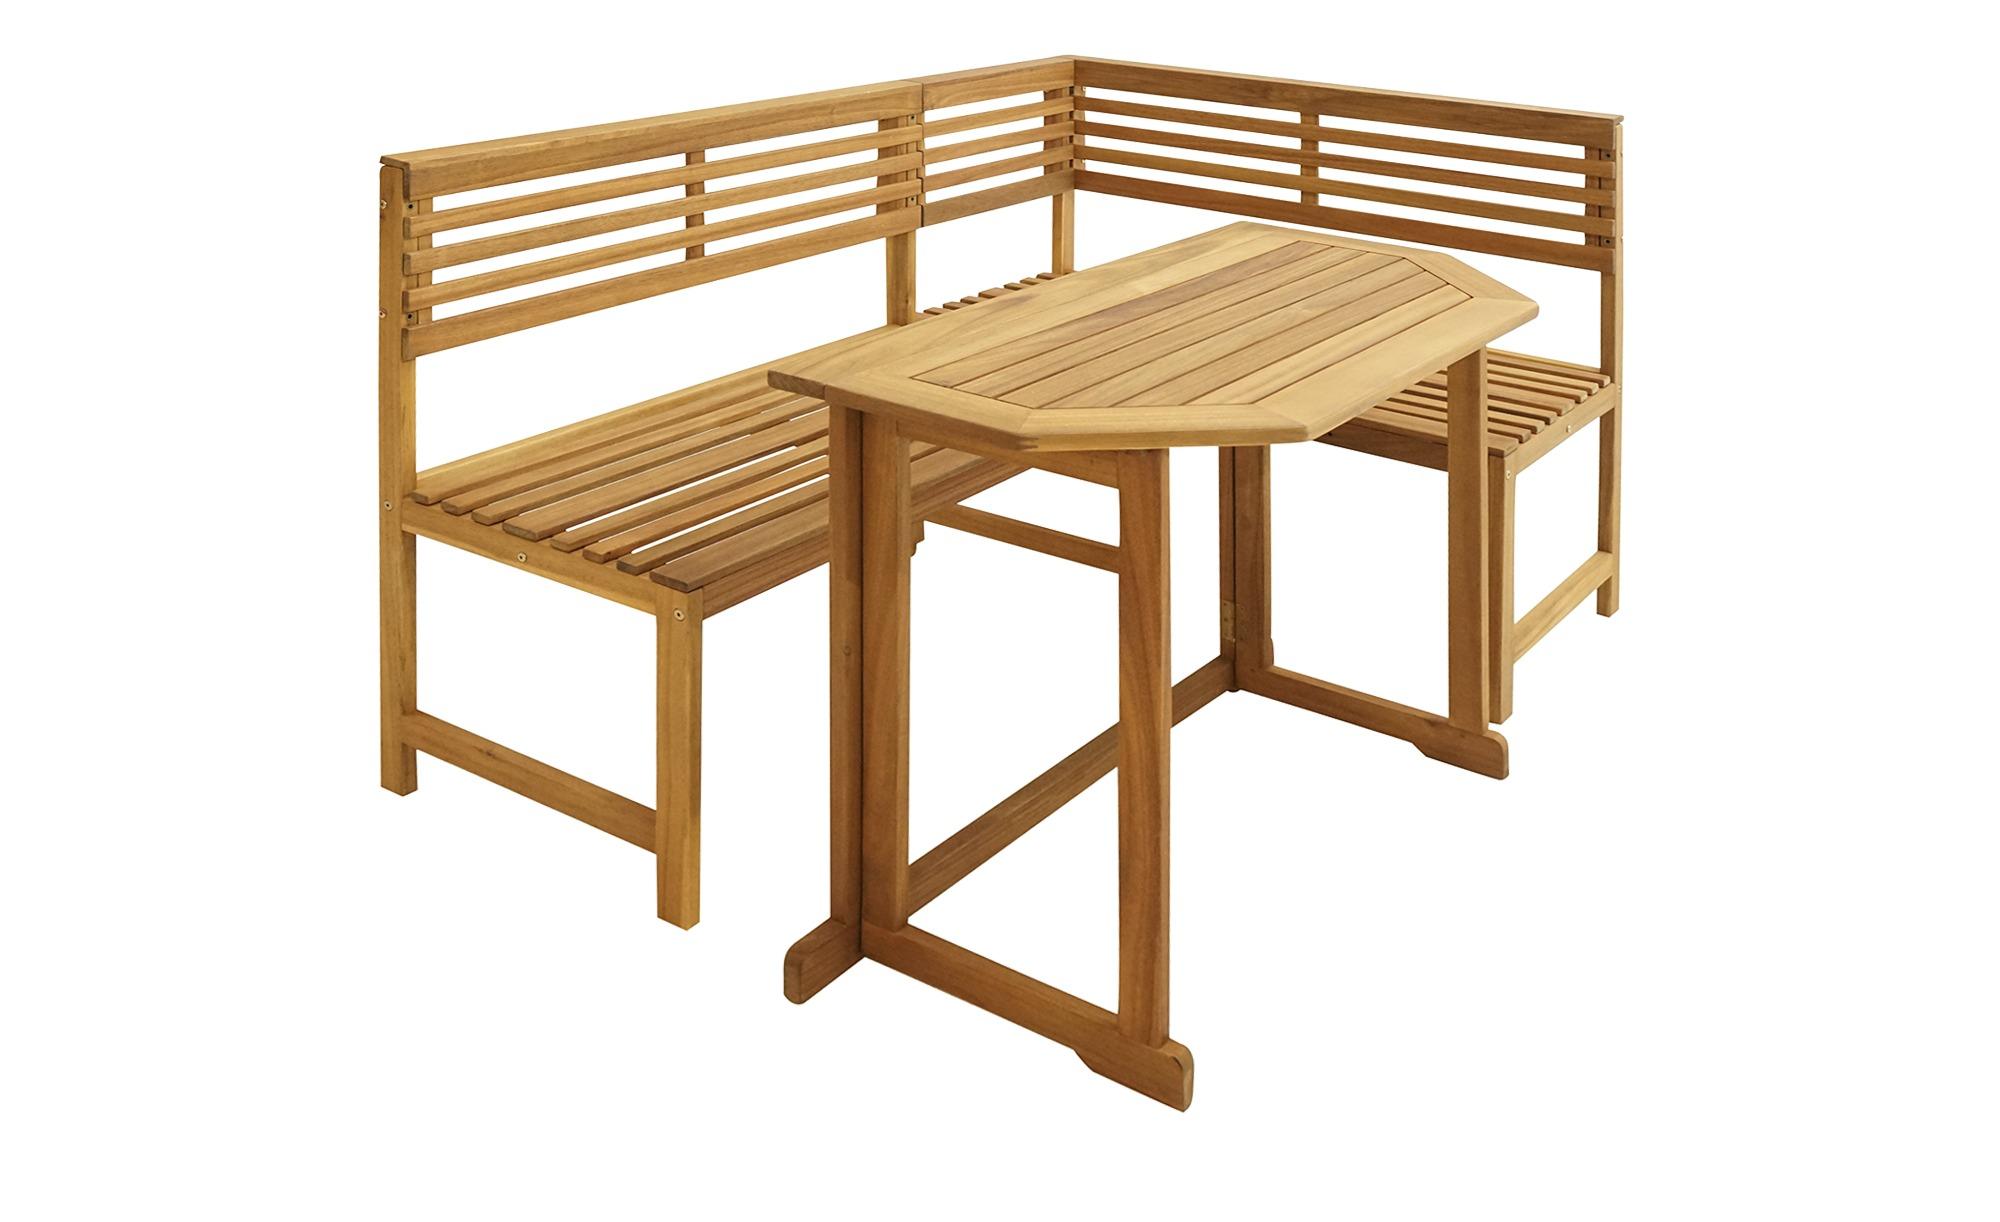 Balkonset ¦ holzfarben ¦ Akazie ¦ Maße (cm): B: 150 H: 91 Garten > Gartenmöbel > Gartenmöbel Sets - Höffner